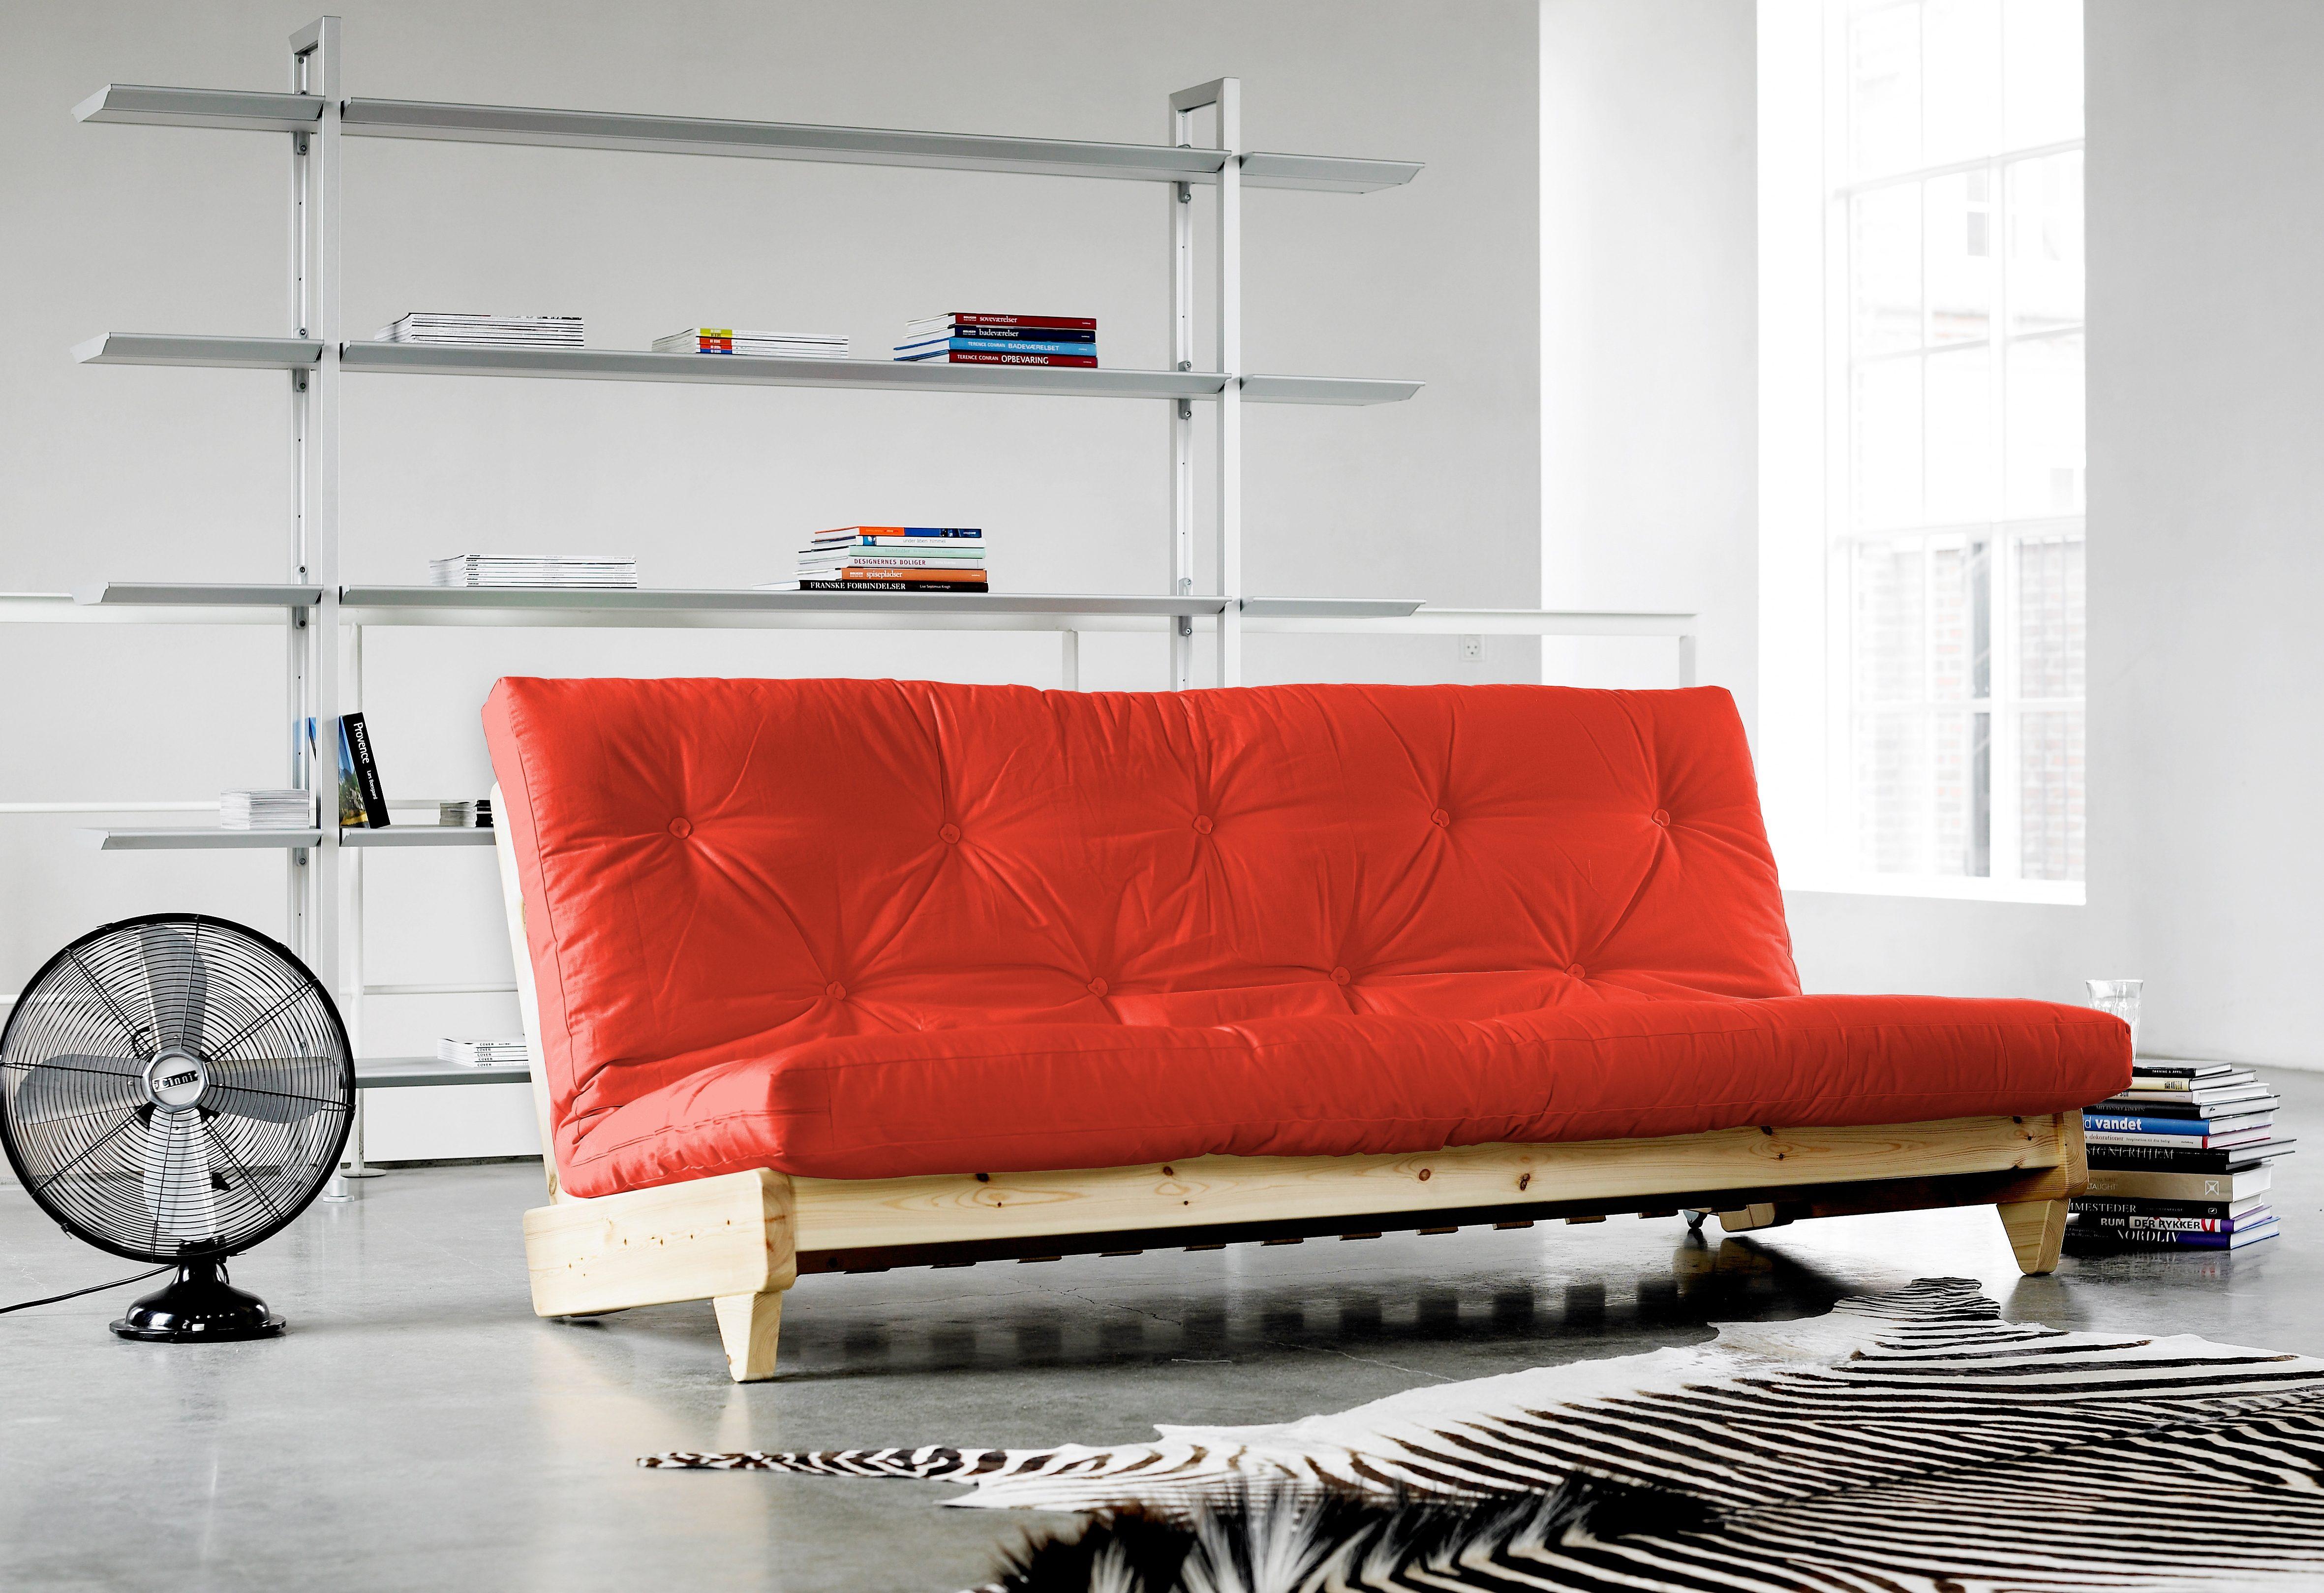 karup schlafsofa gebraucht interior design und m bel ideen. Black Bedroom Furniture Sets. Home Design Ideas